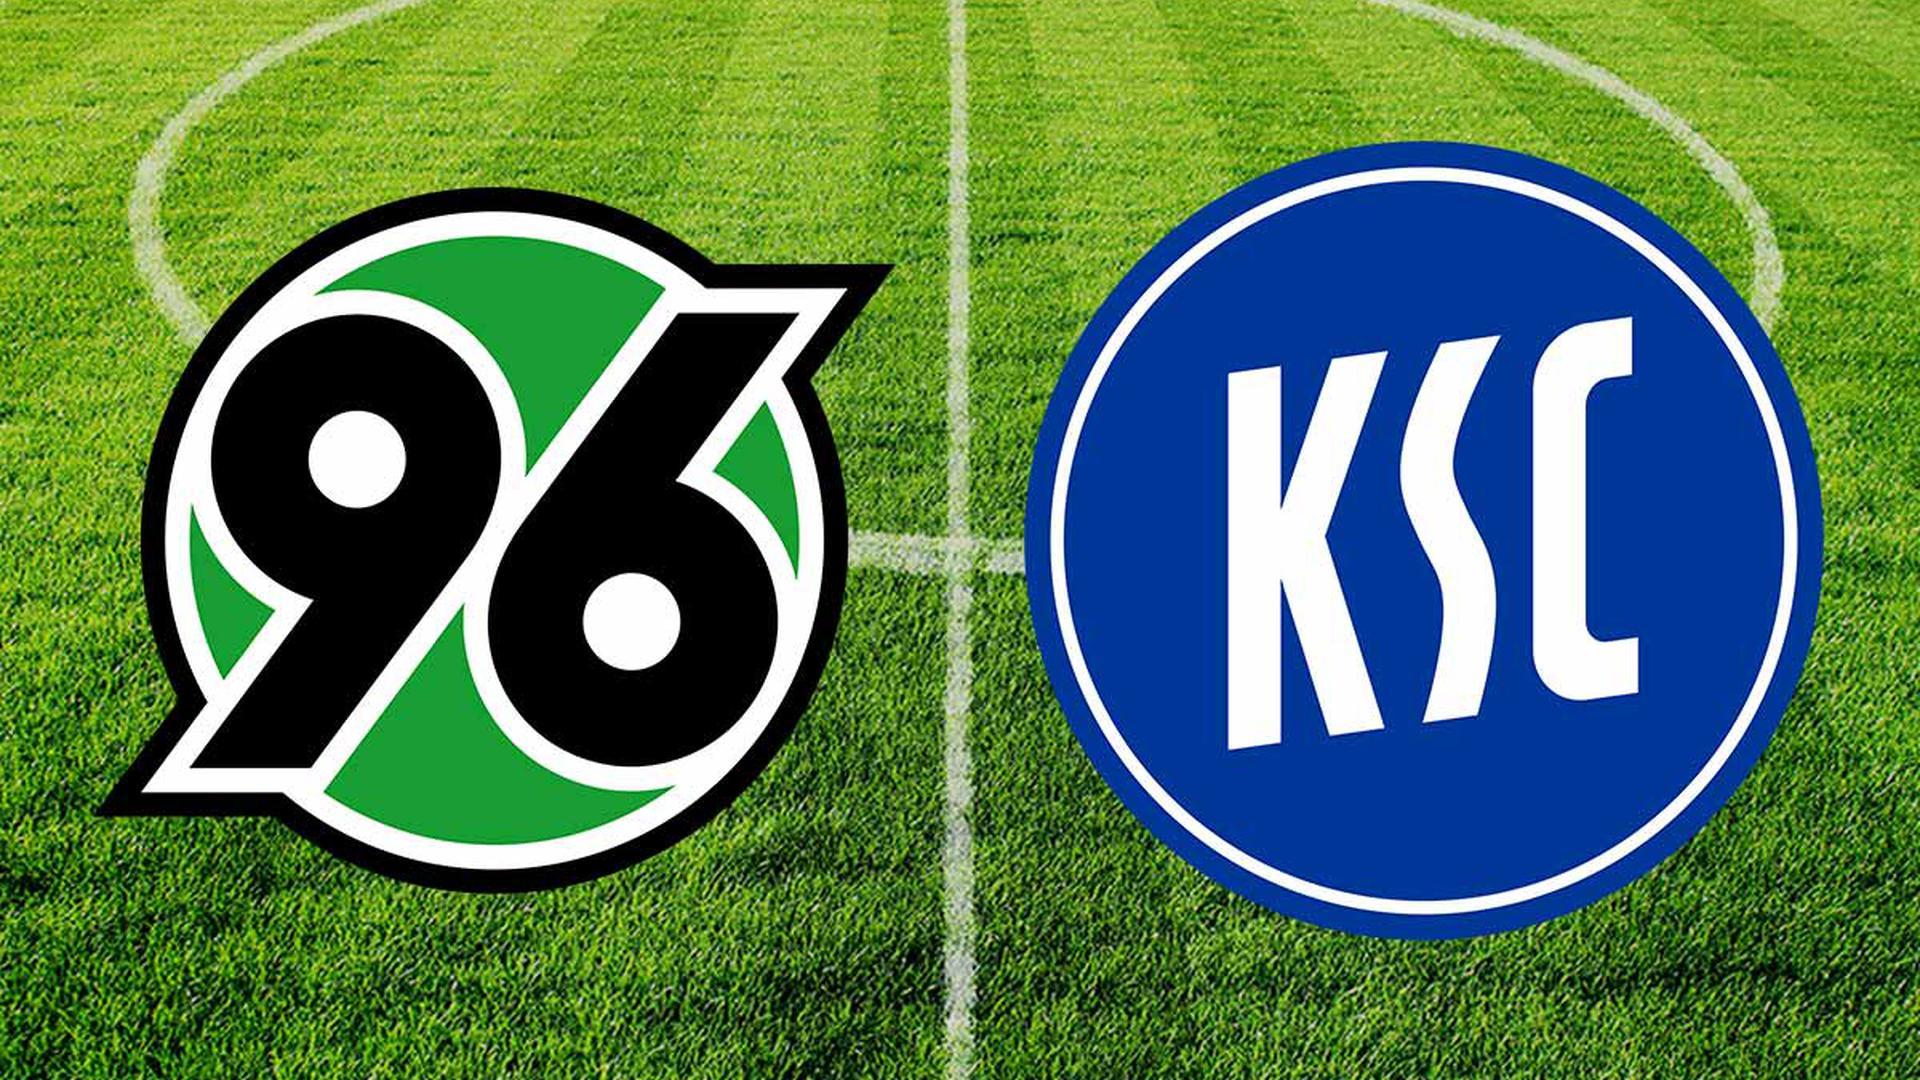 Hannover 96 Ksc